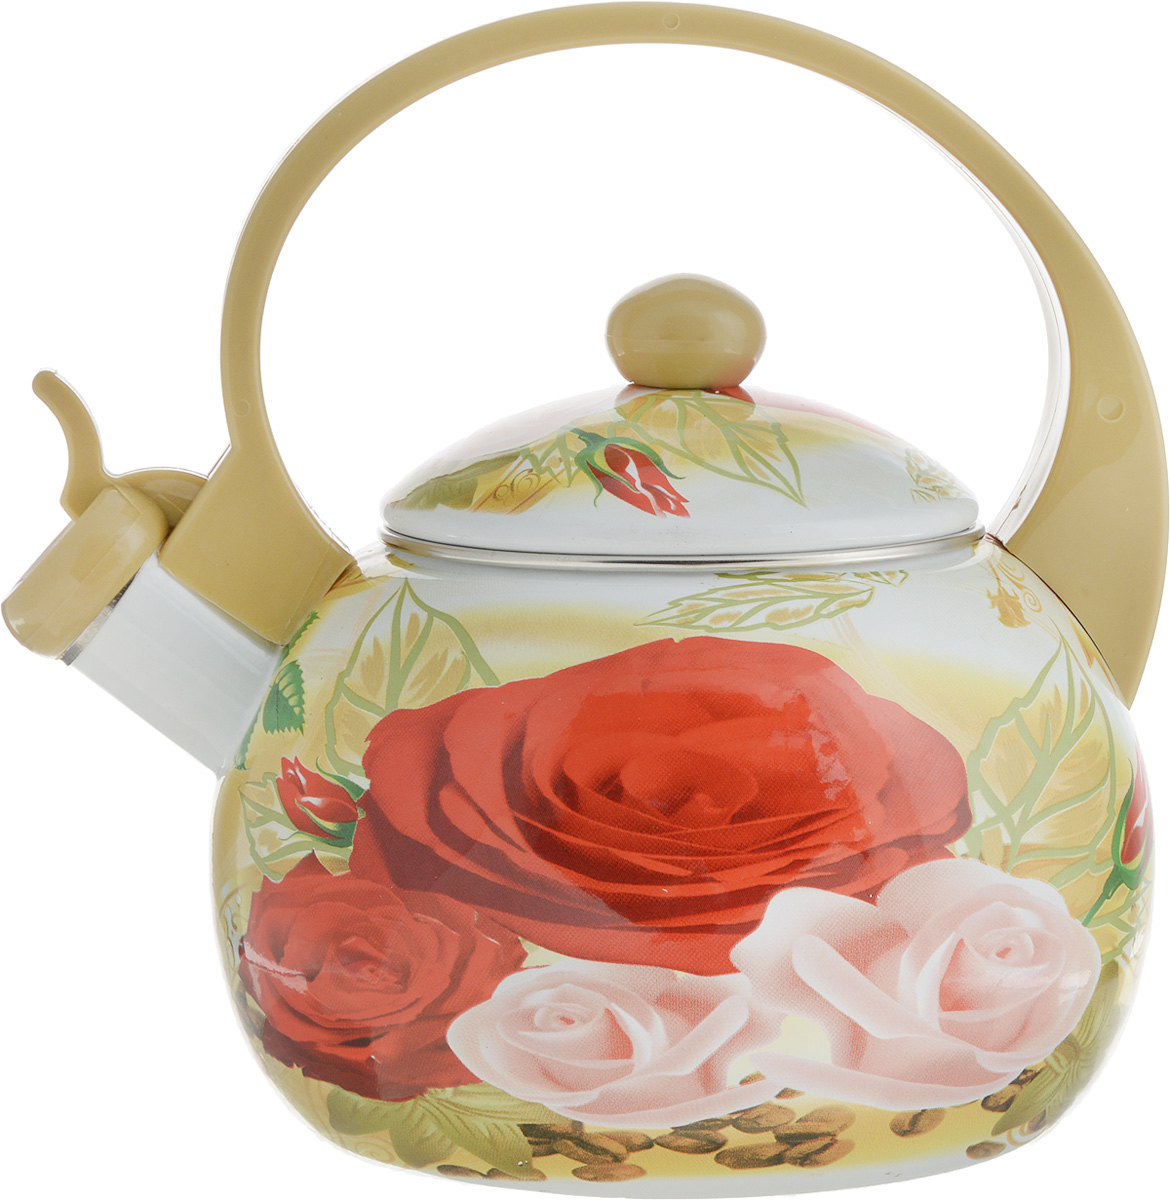 """Чайник """"Bohmann"""" изготовлен из эмалированной стали с цветочным принтом. Прочность, надежность, стойкость к кислотам и привлекательный внешний вид - основные свойства этого материала.Прочная ручка, выполненная из термостойкого пластика, обеспечивает комфортную эксплуатацию.Носик чайника оборудован свистком, который громким сигналом оповестит о закипании воды.Чайник подходит для всех видов плит, а также индукционных.Изделие можно мыть в посудомоечной машине. Объем: 2,5 см.Диаметр (по верхнему краю): 11 см. Диаметр основания: 14 см. Высота чайника (без учета ручки и крышки): 11,5 см."""